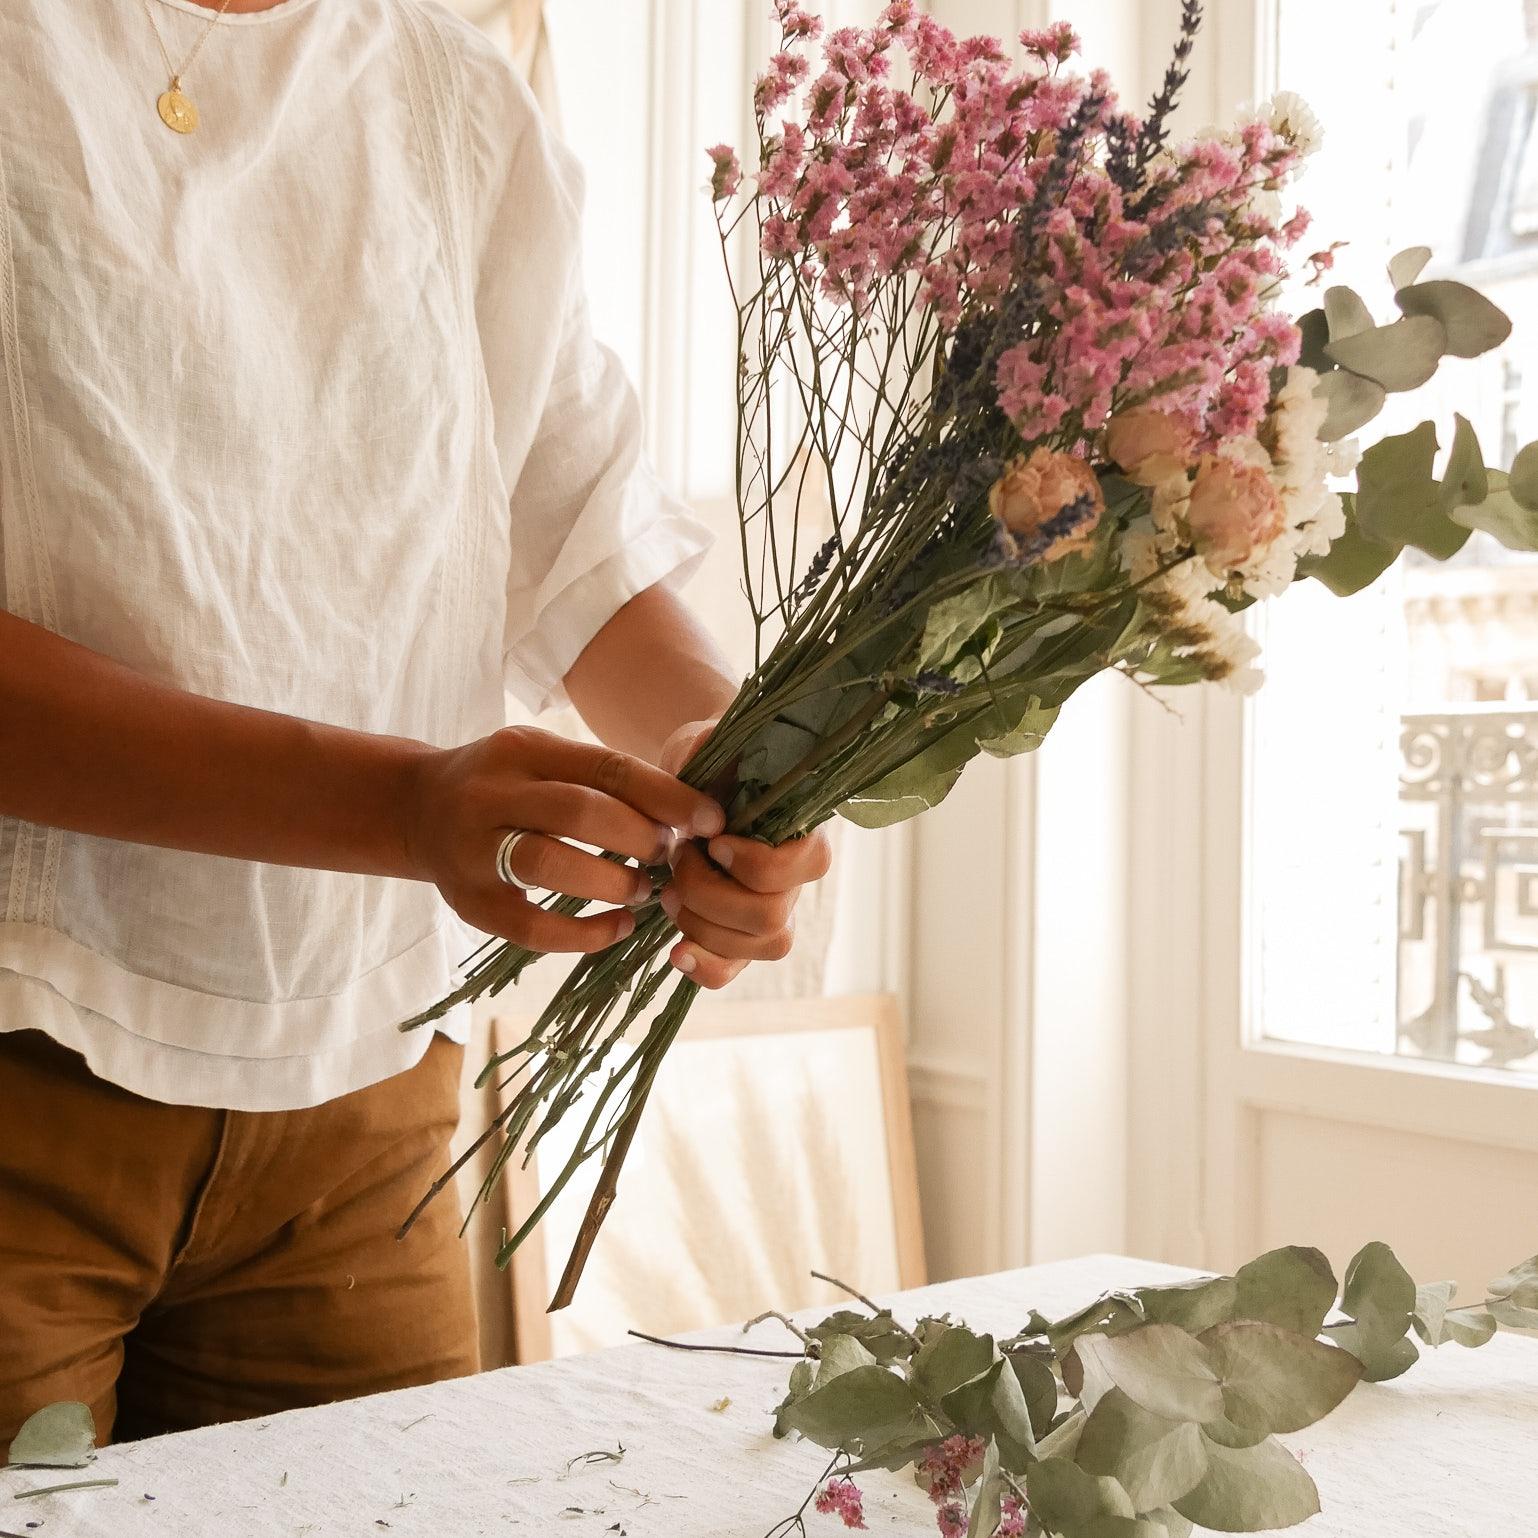 Création d'un bouquet de fleurs bergamotte